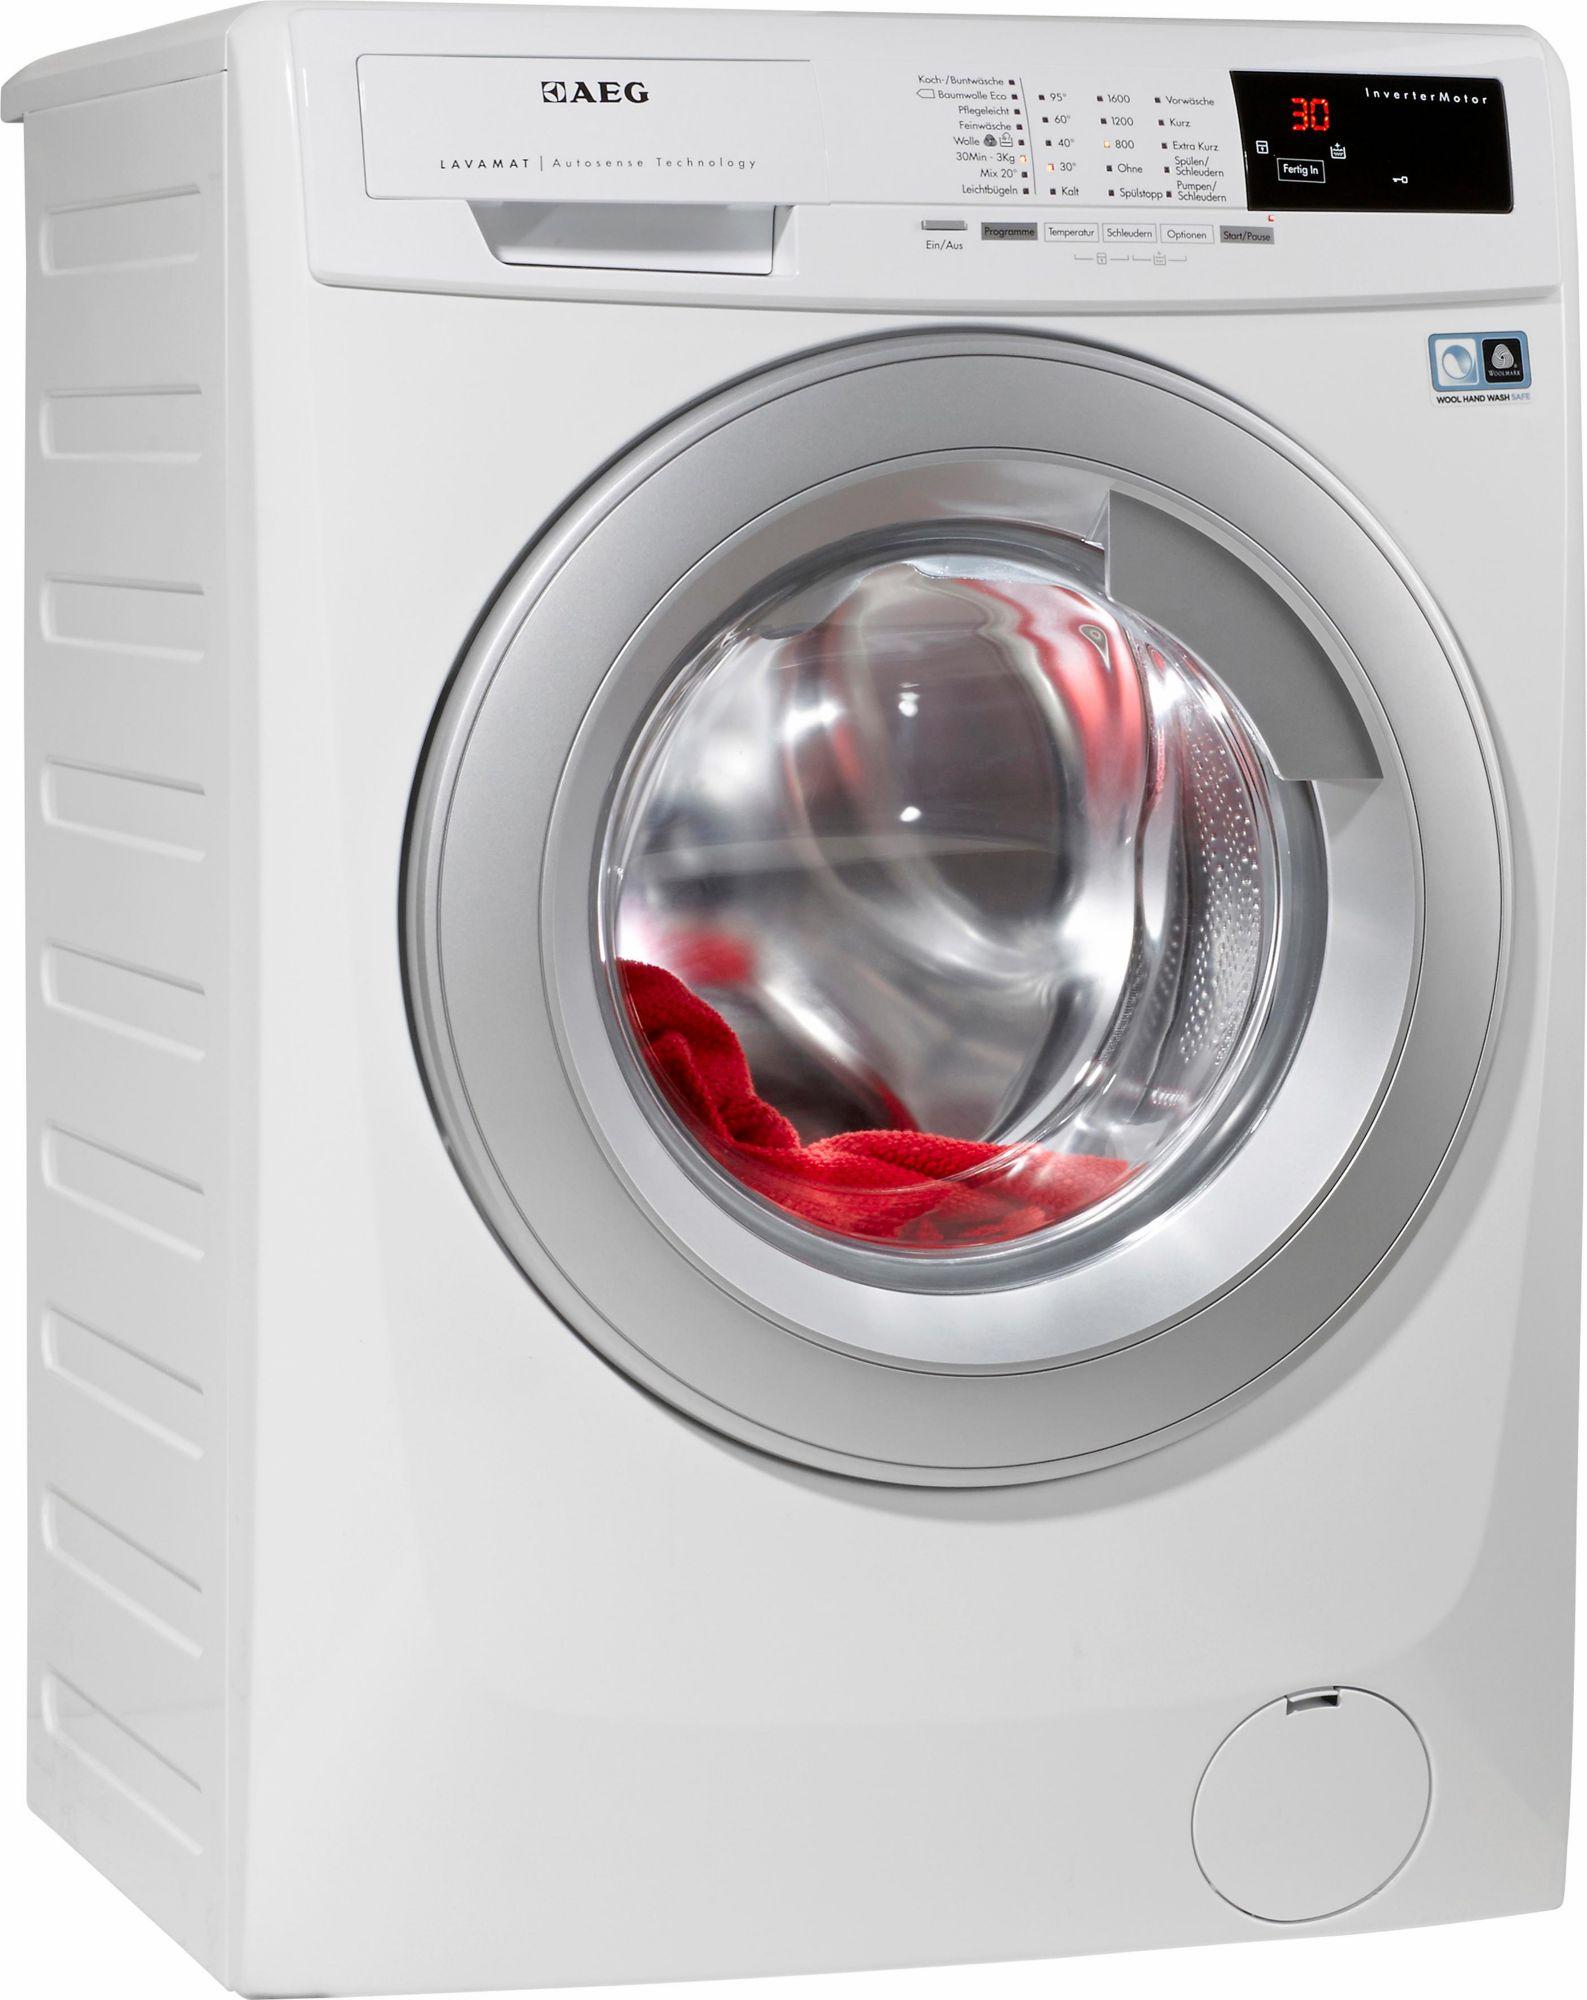 AEG ELECTROLUX AEG Waschmaschine LAVAMAT L14AS9, A+++, 9 kg, 1400 U/Min